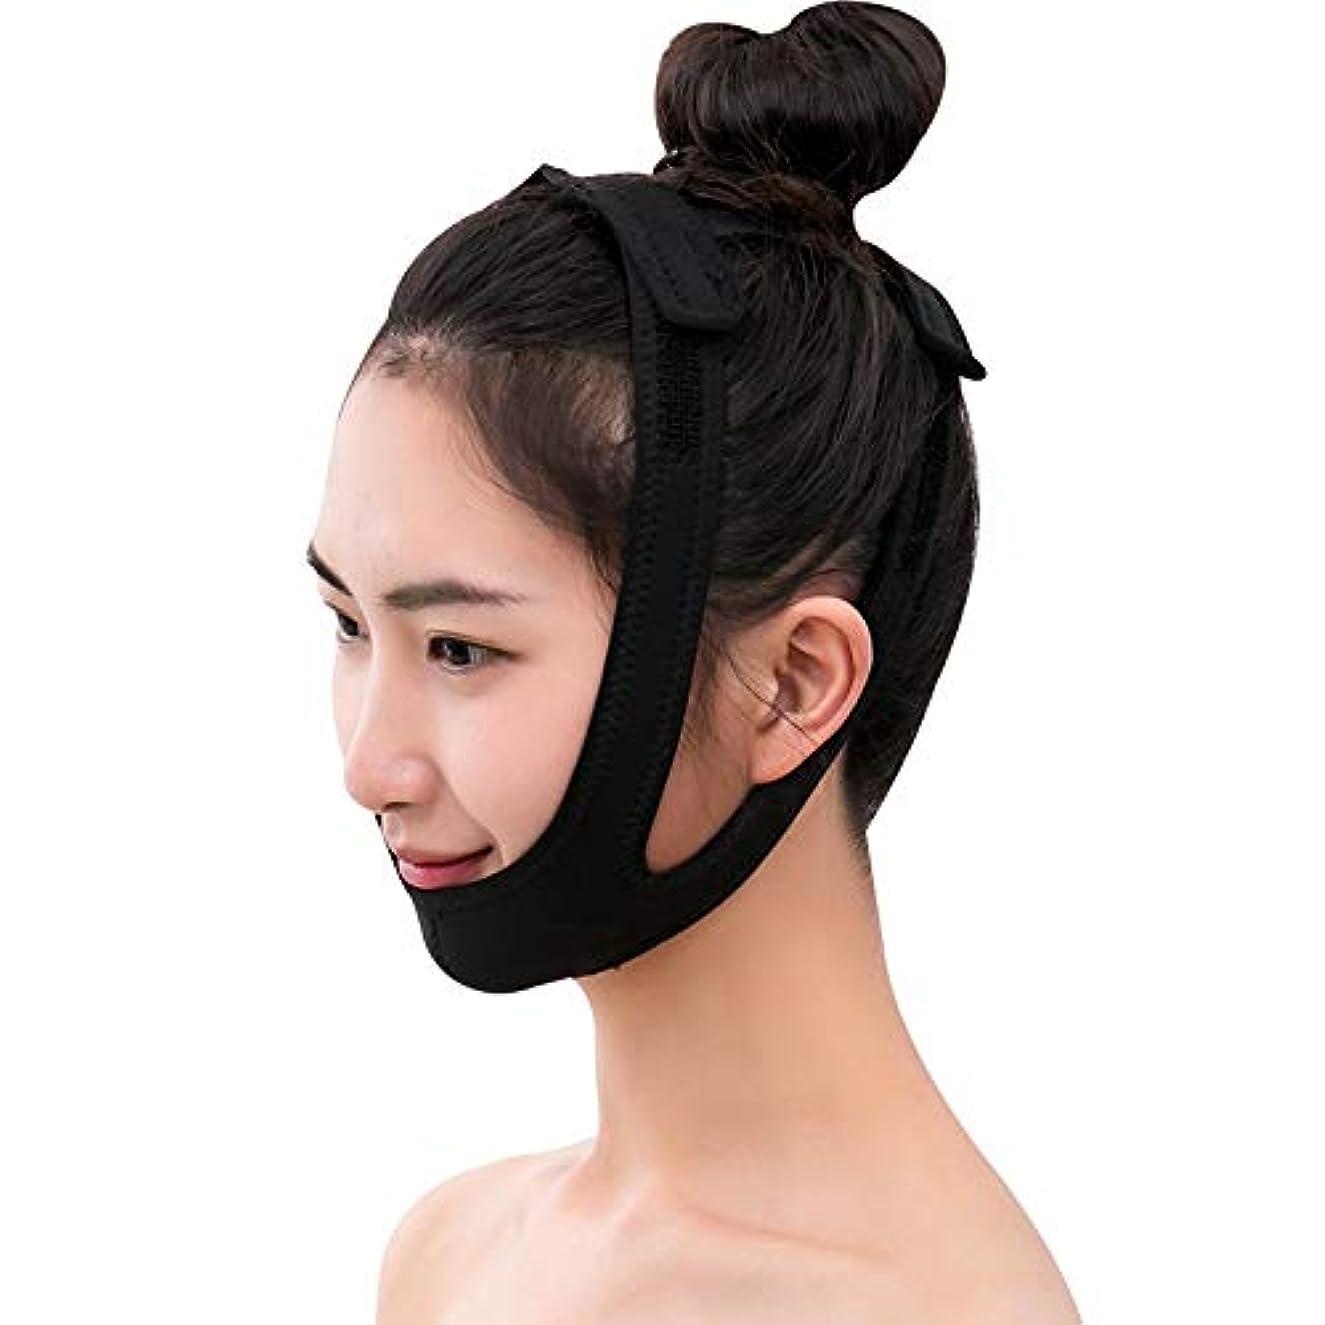 知的上宣言する薄いフェイスバンド - 薄い顔の包帯ビューティーインストゥルメントフェイシャルリフト睡眠マスク法Vフェイスマスクの通気性を作る